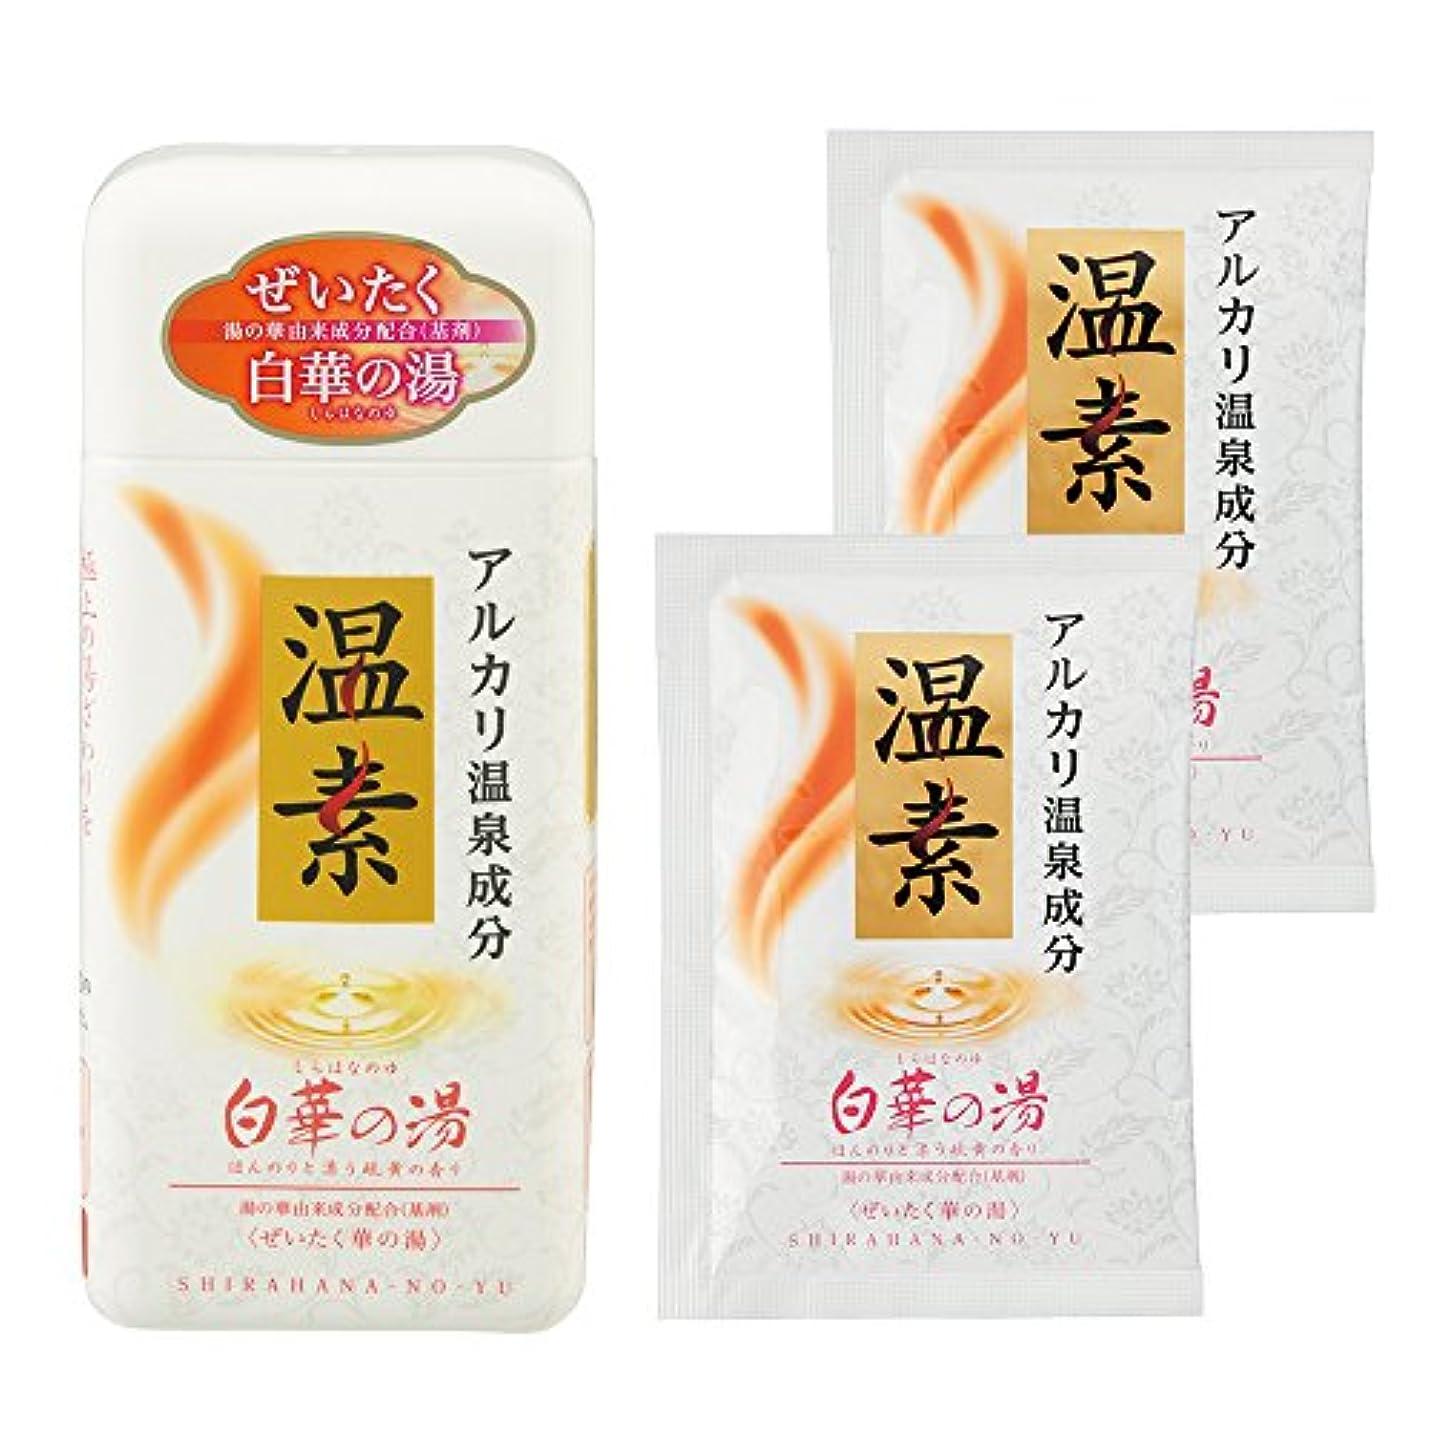 【医薬部外品】【分包2包付】温素 入浴剤 白華の湯 [600g + 分包2包]